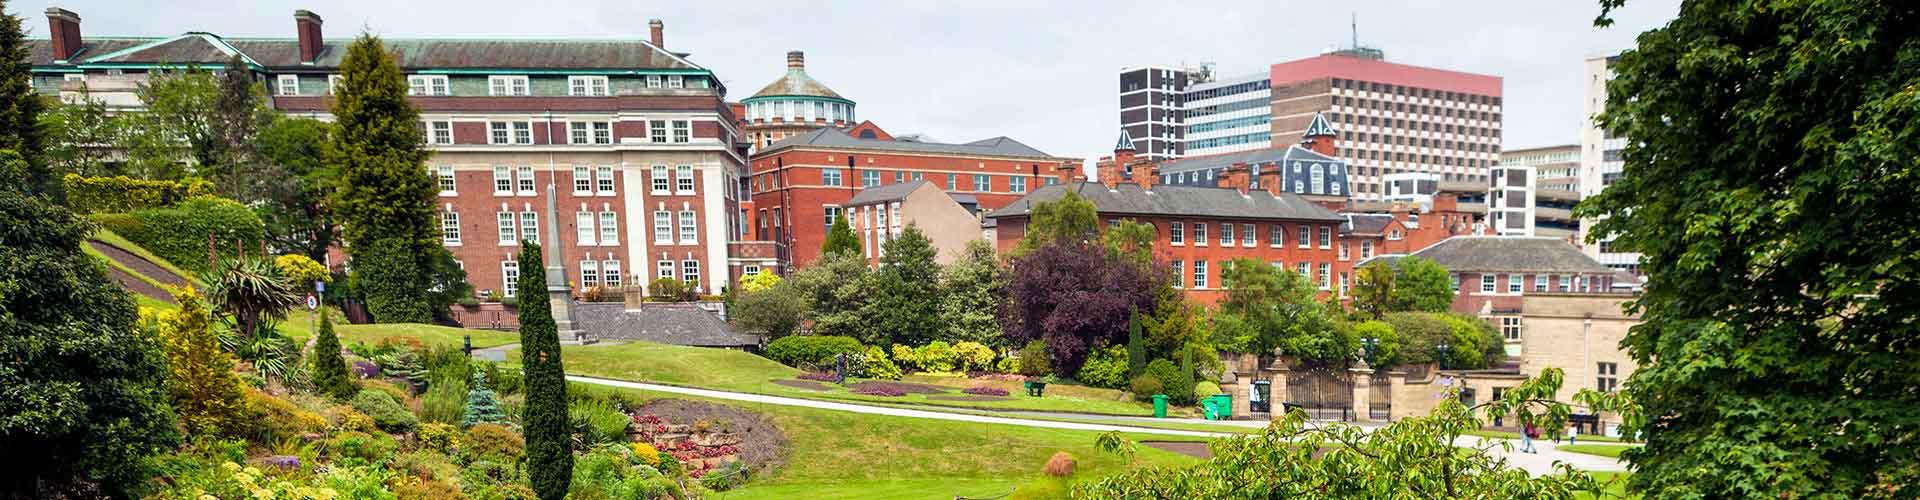 Nottingham - Apartamentos en Nottingham. Mapas de Nottingham, Fotos y comentarios de cada Apartamento en Nottingham.